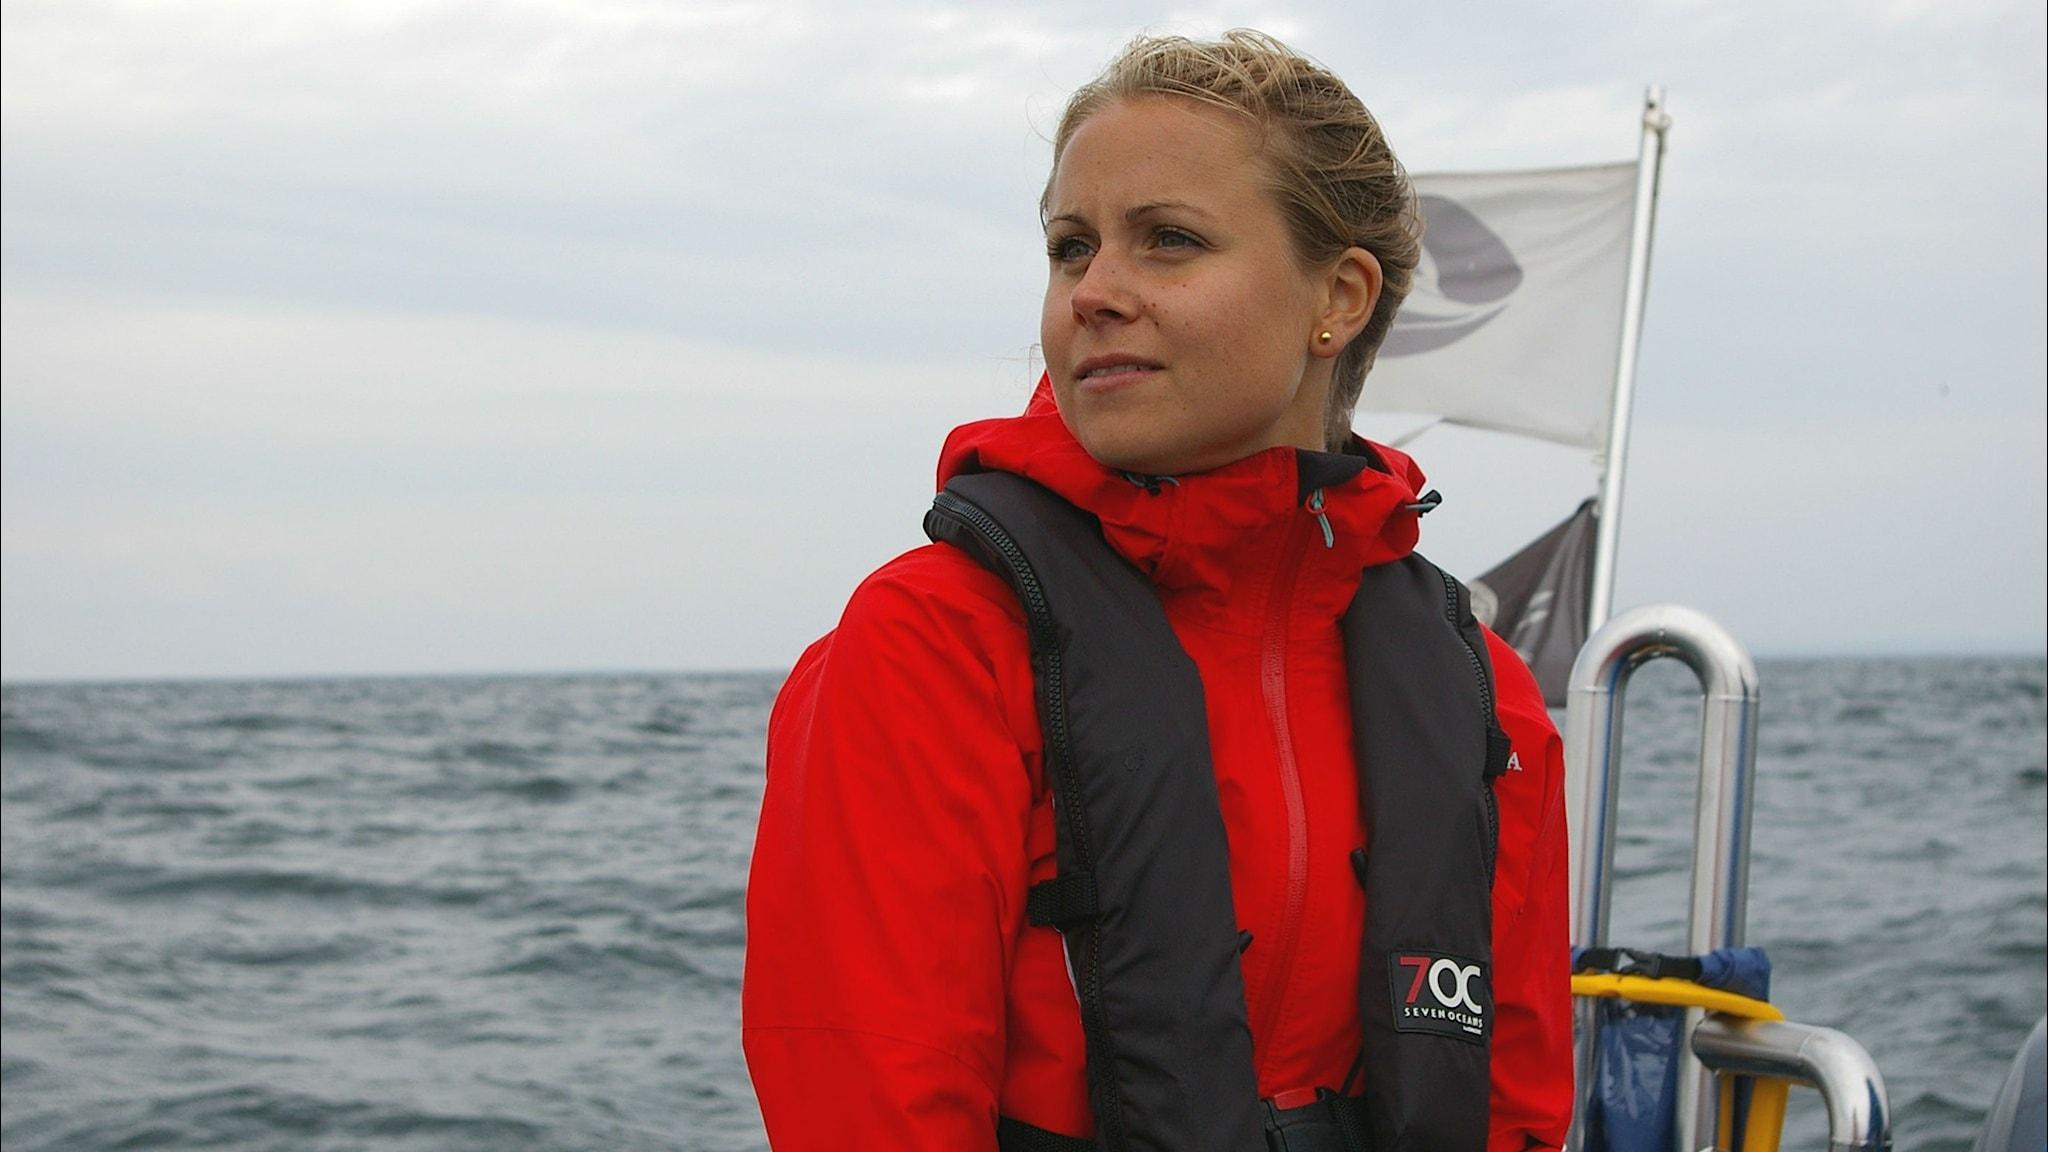 Tumlande start på ett forskarliv till sjöss